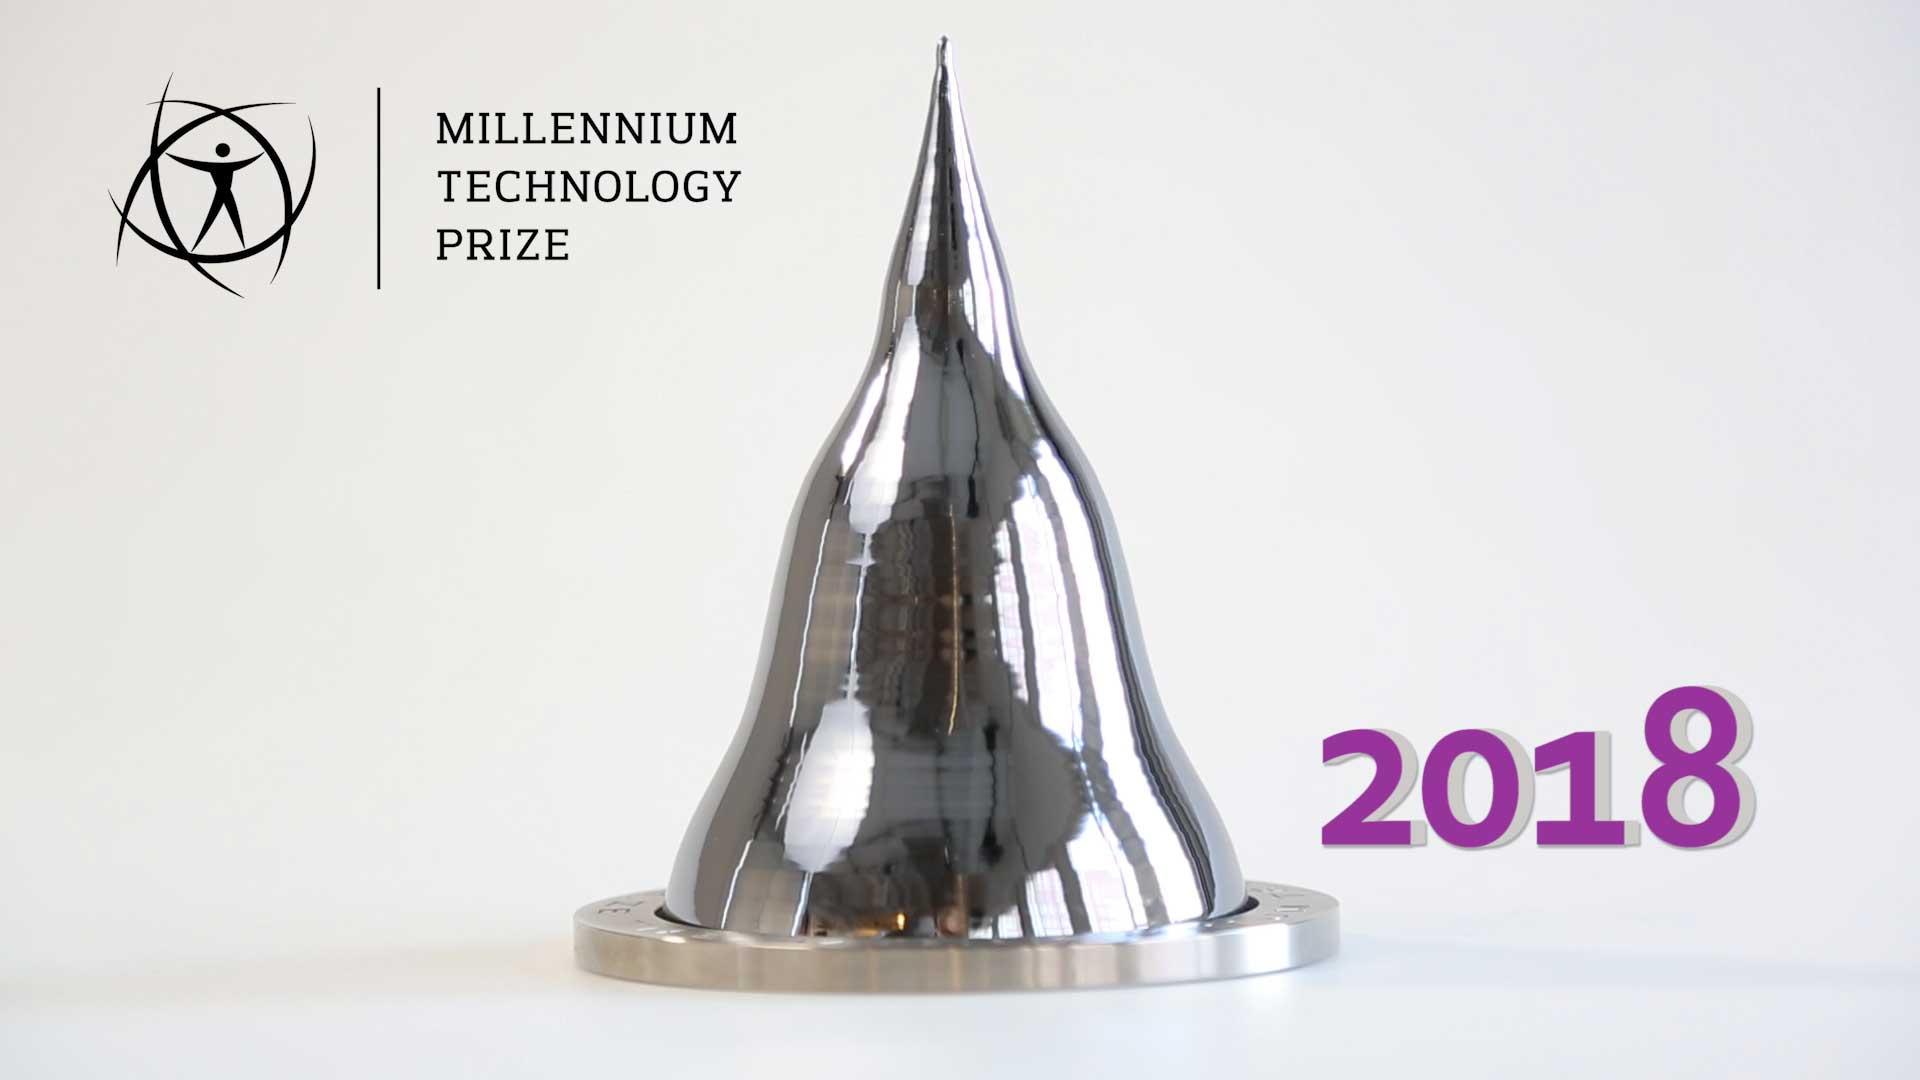 Premio Millennium de Tecnología 2018